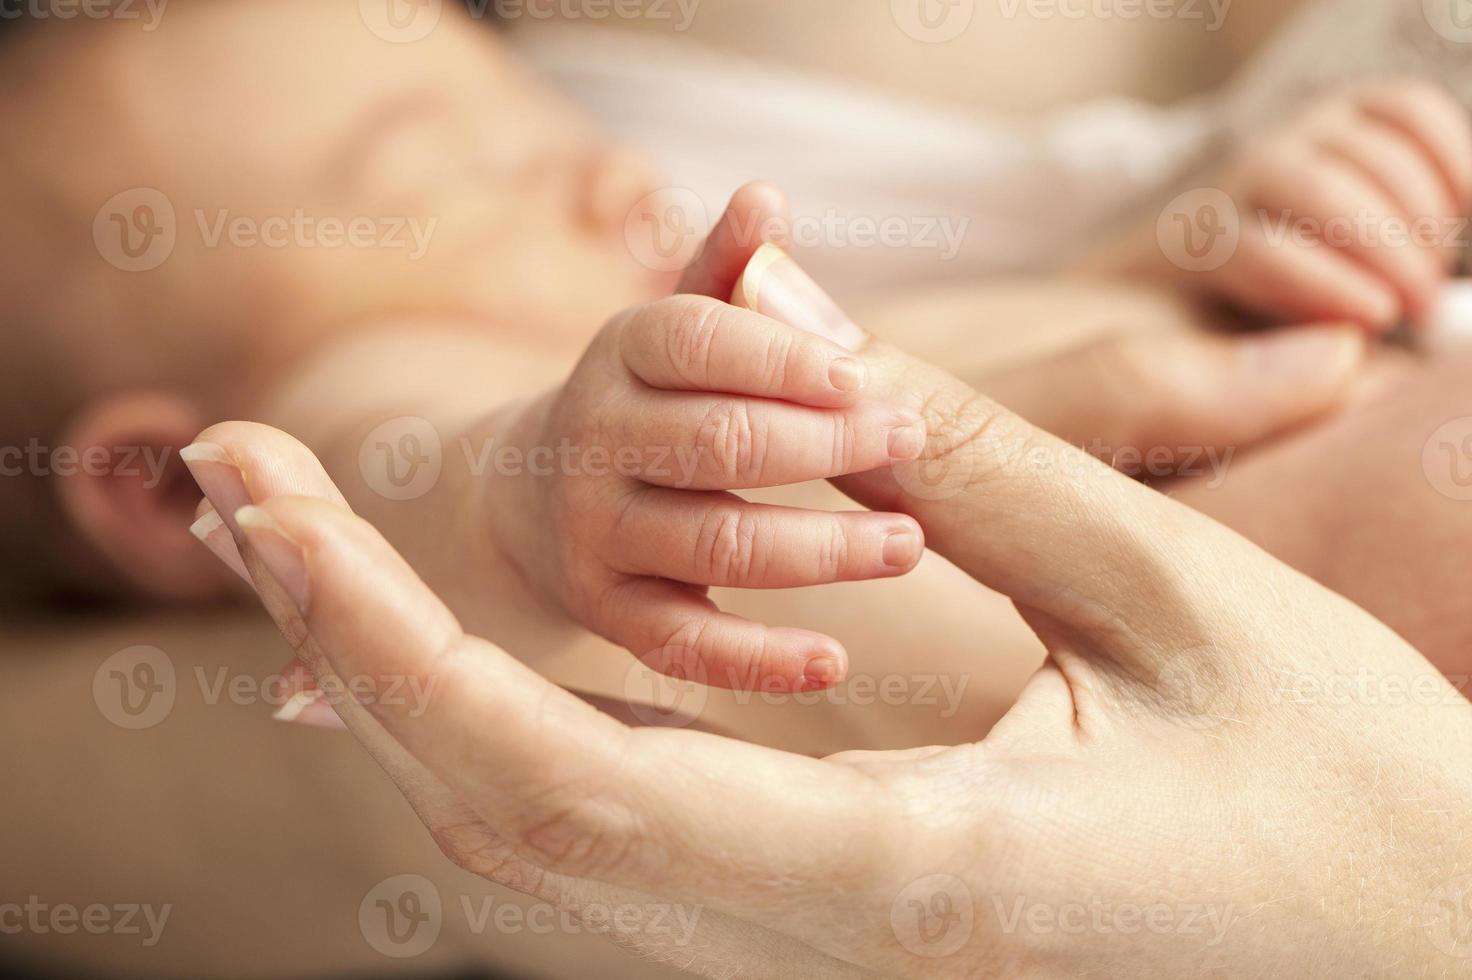 mano del recién nacido que sostiene el pulgar de la madre foto